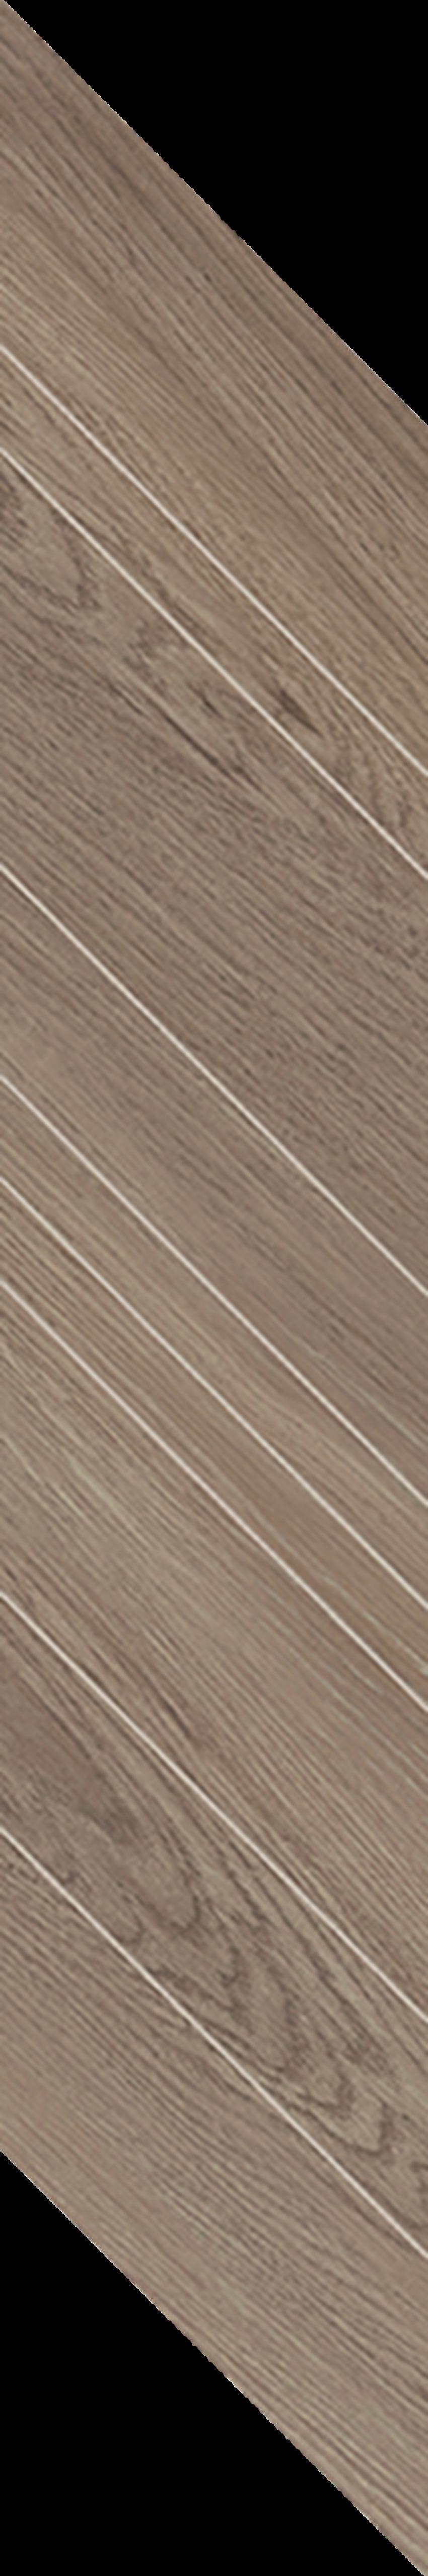 Płytka dekoracyjna 14,8x88,8 cm Paradyż Wildland Twilight Dekor Chevron Lewy